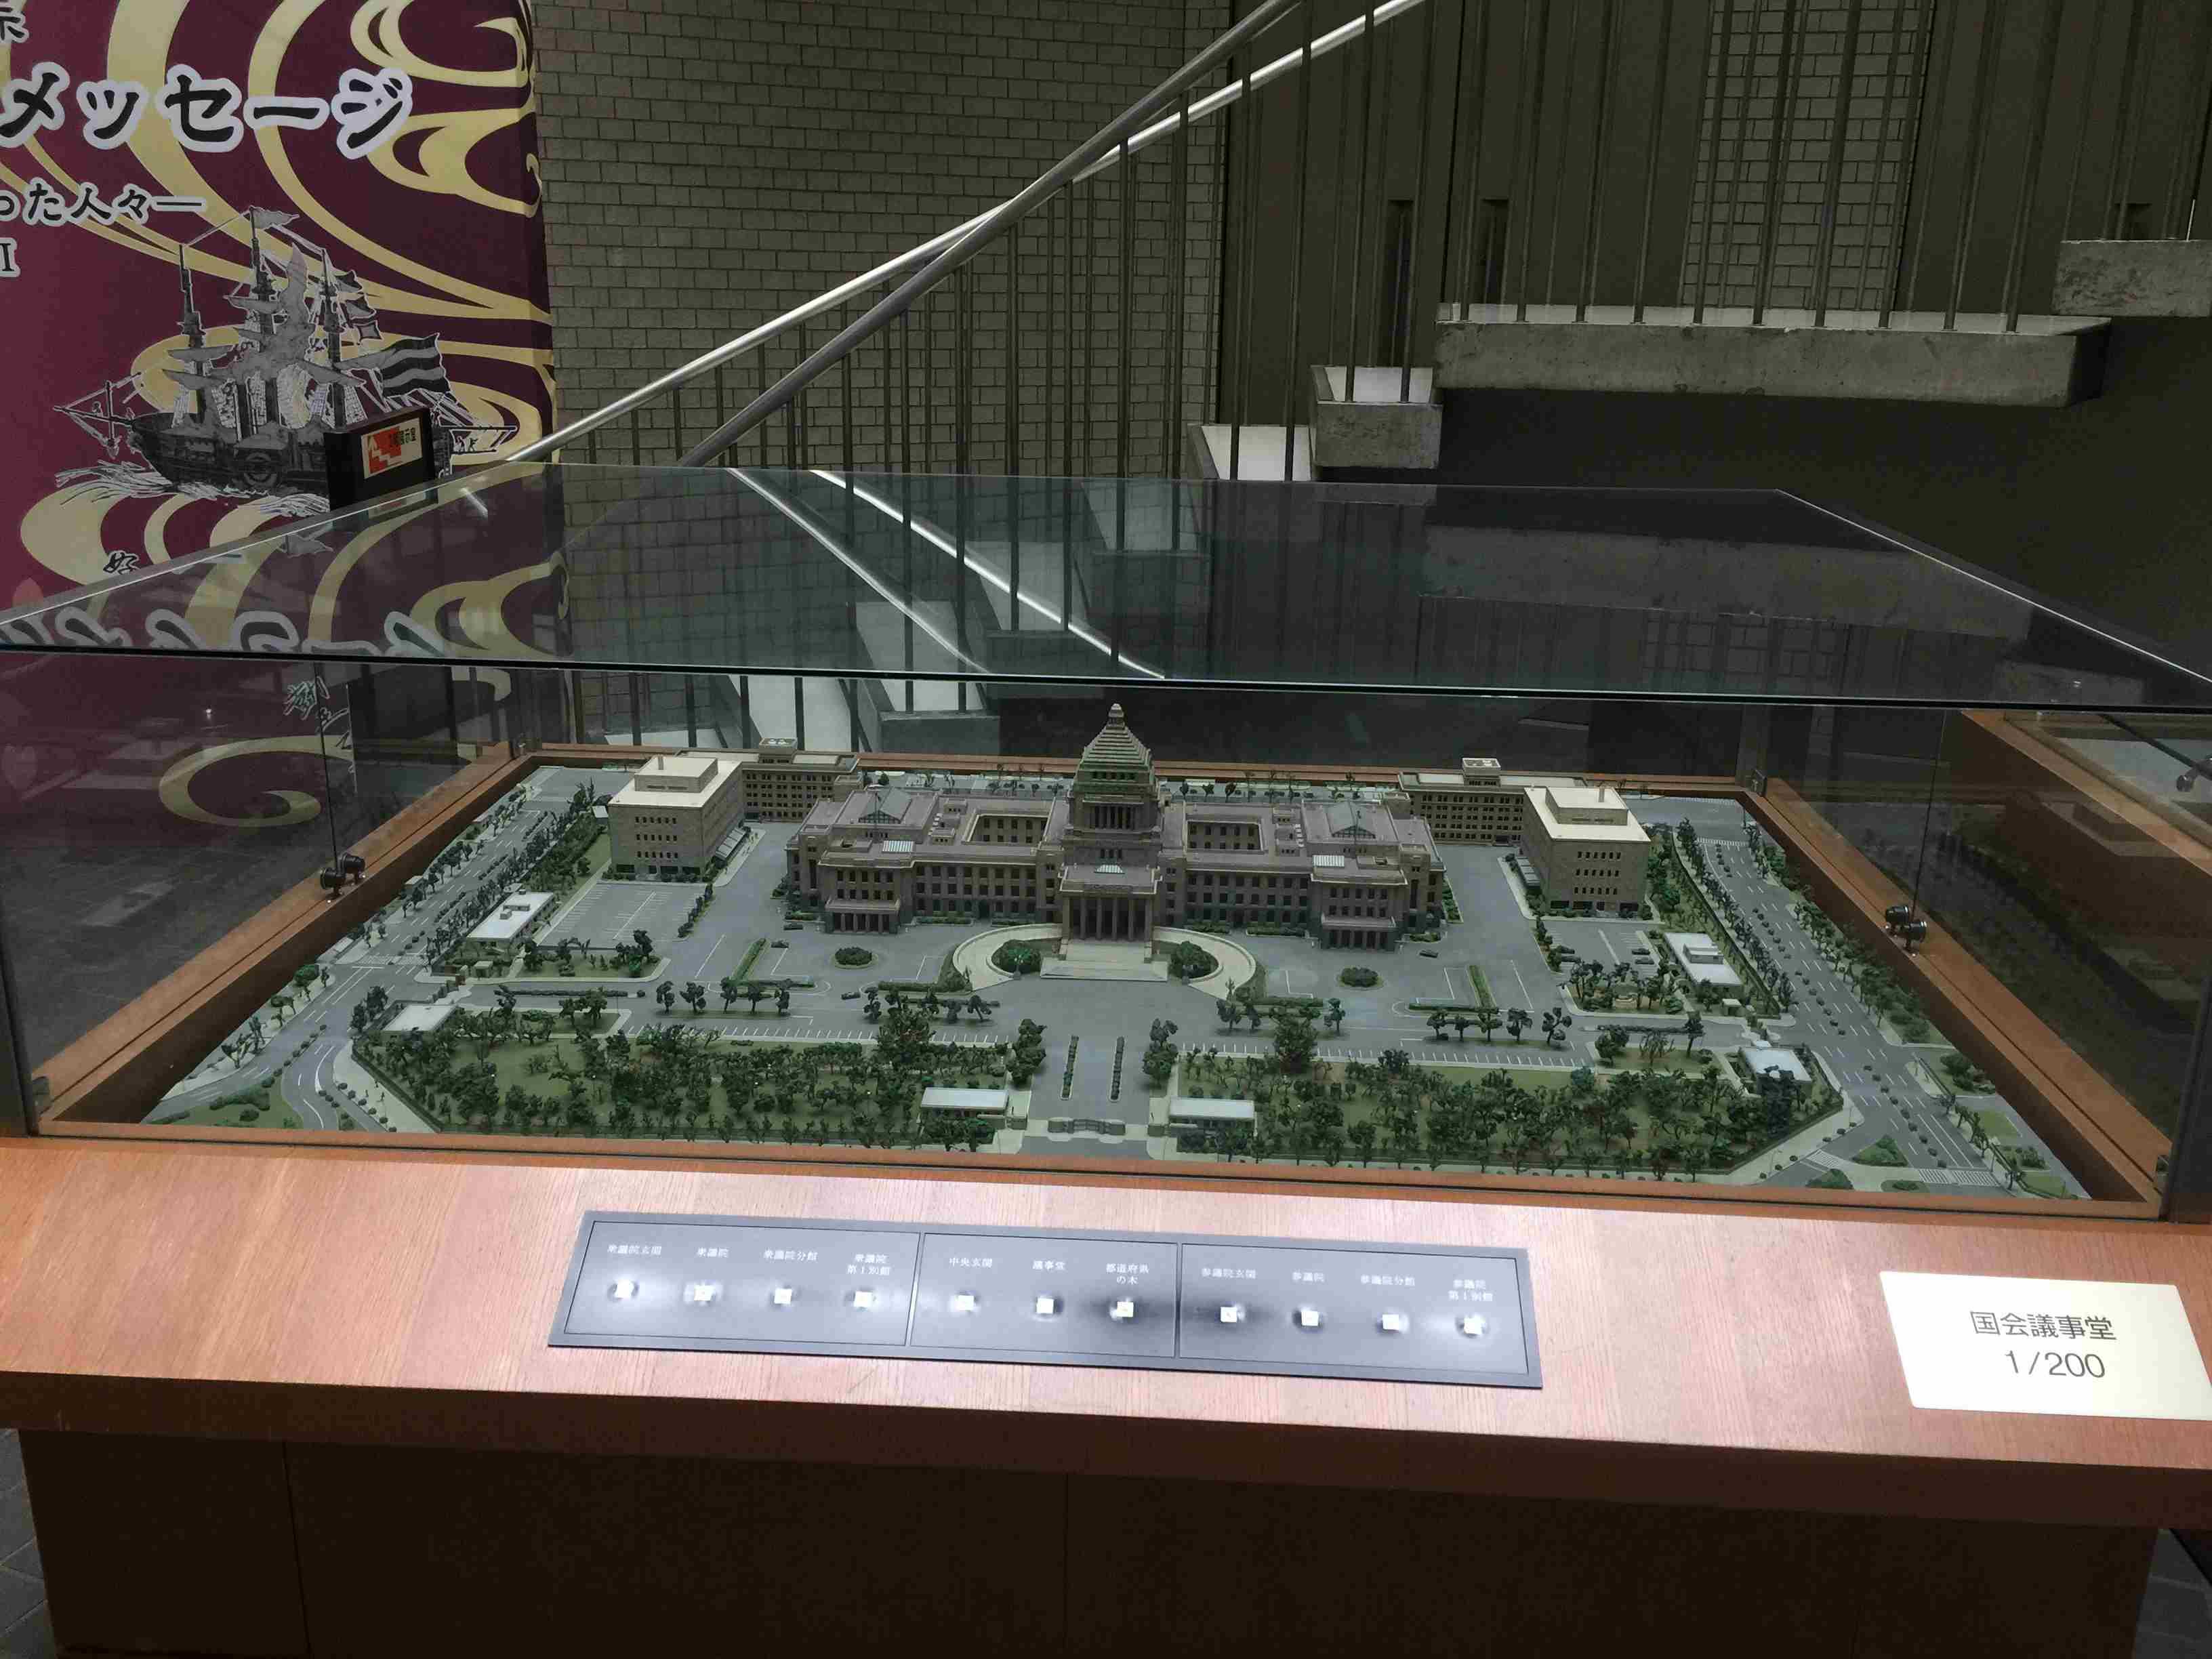 憲政記念館は憲政に特化した無料の博物館 博物館美術館好き、歴史好きにオススメ 学習にも